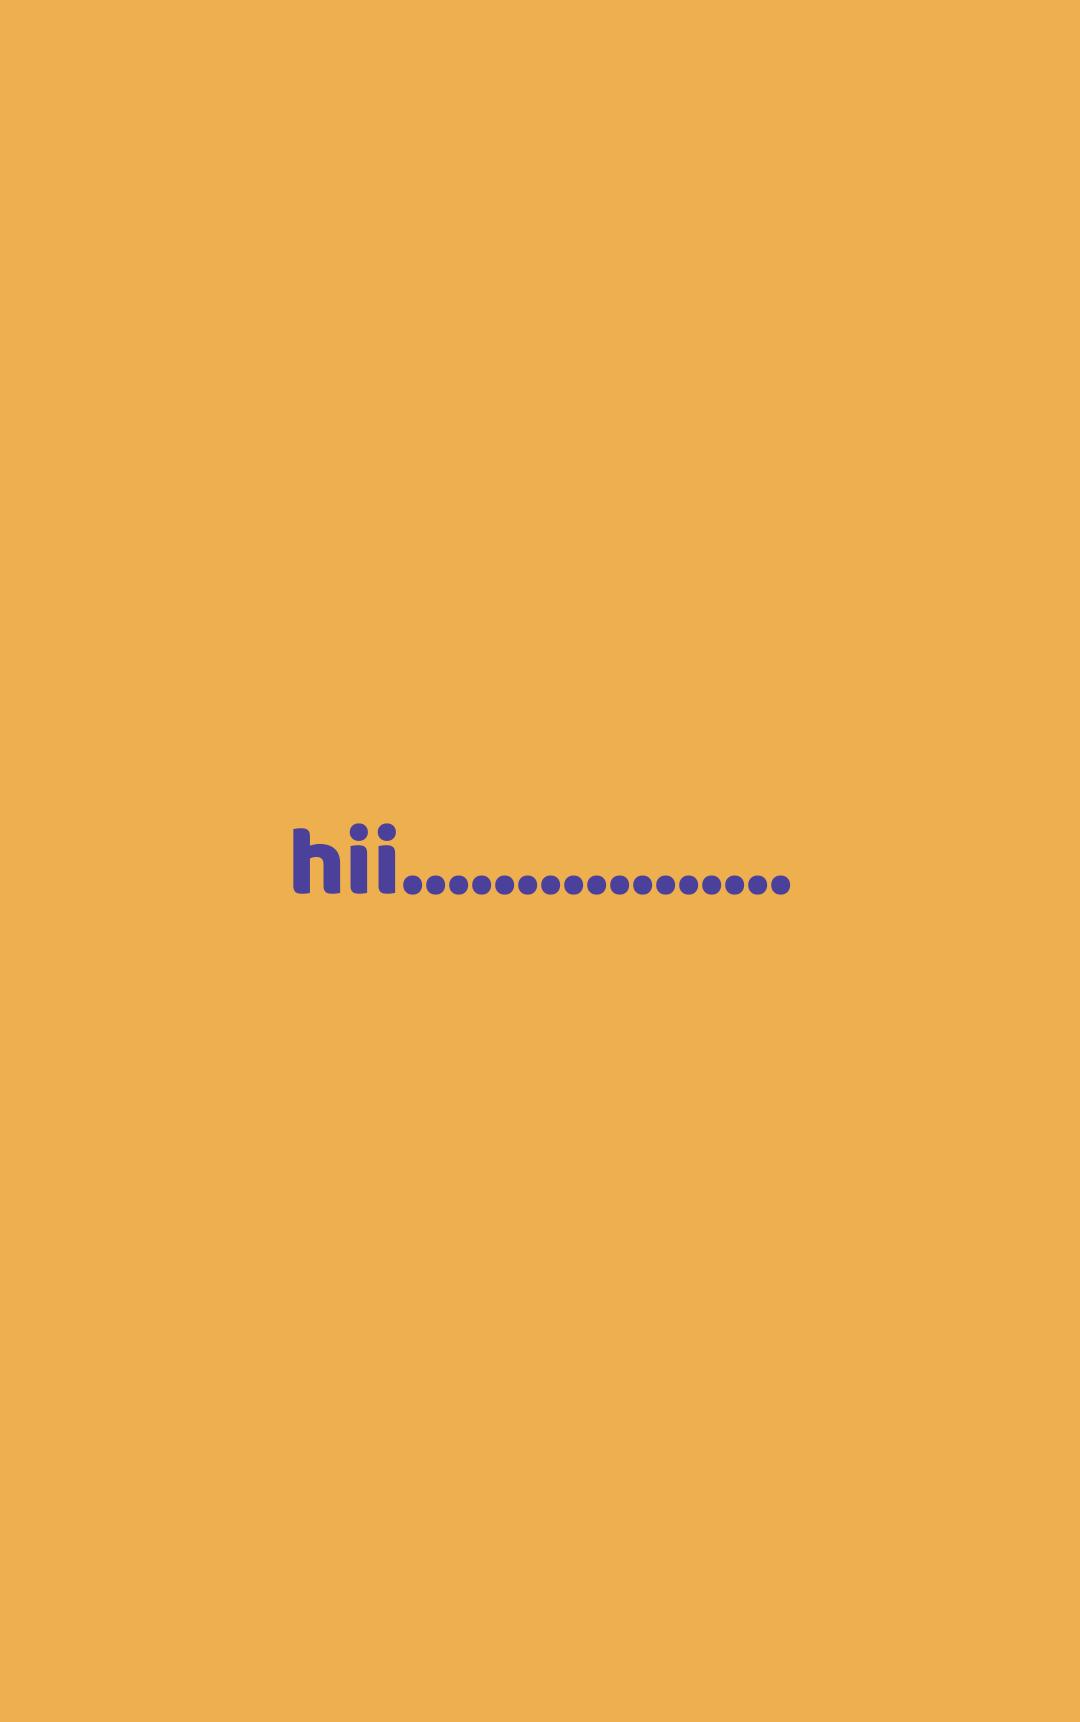 👋 ചാറ്റും ചര്ച്ചയും - ShareChat